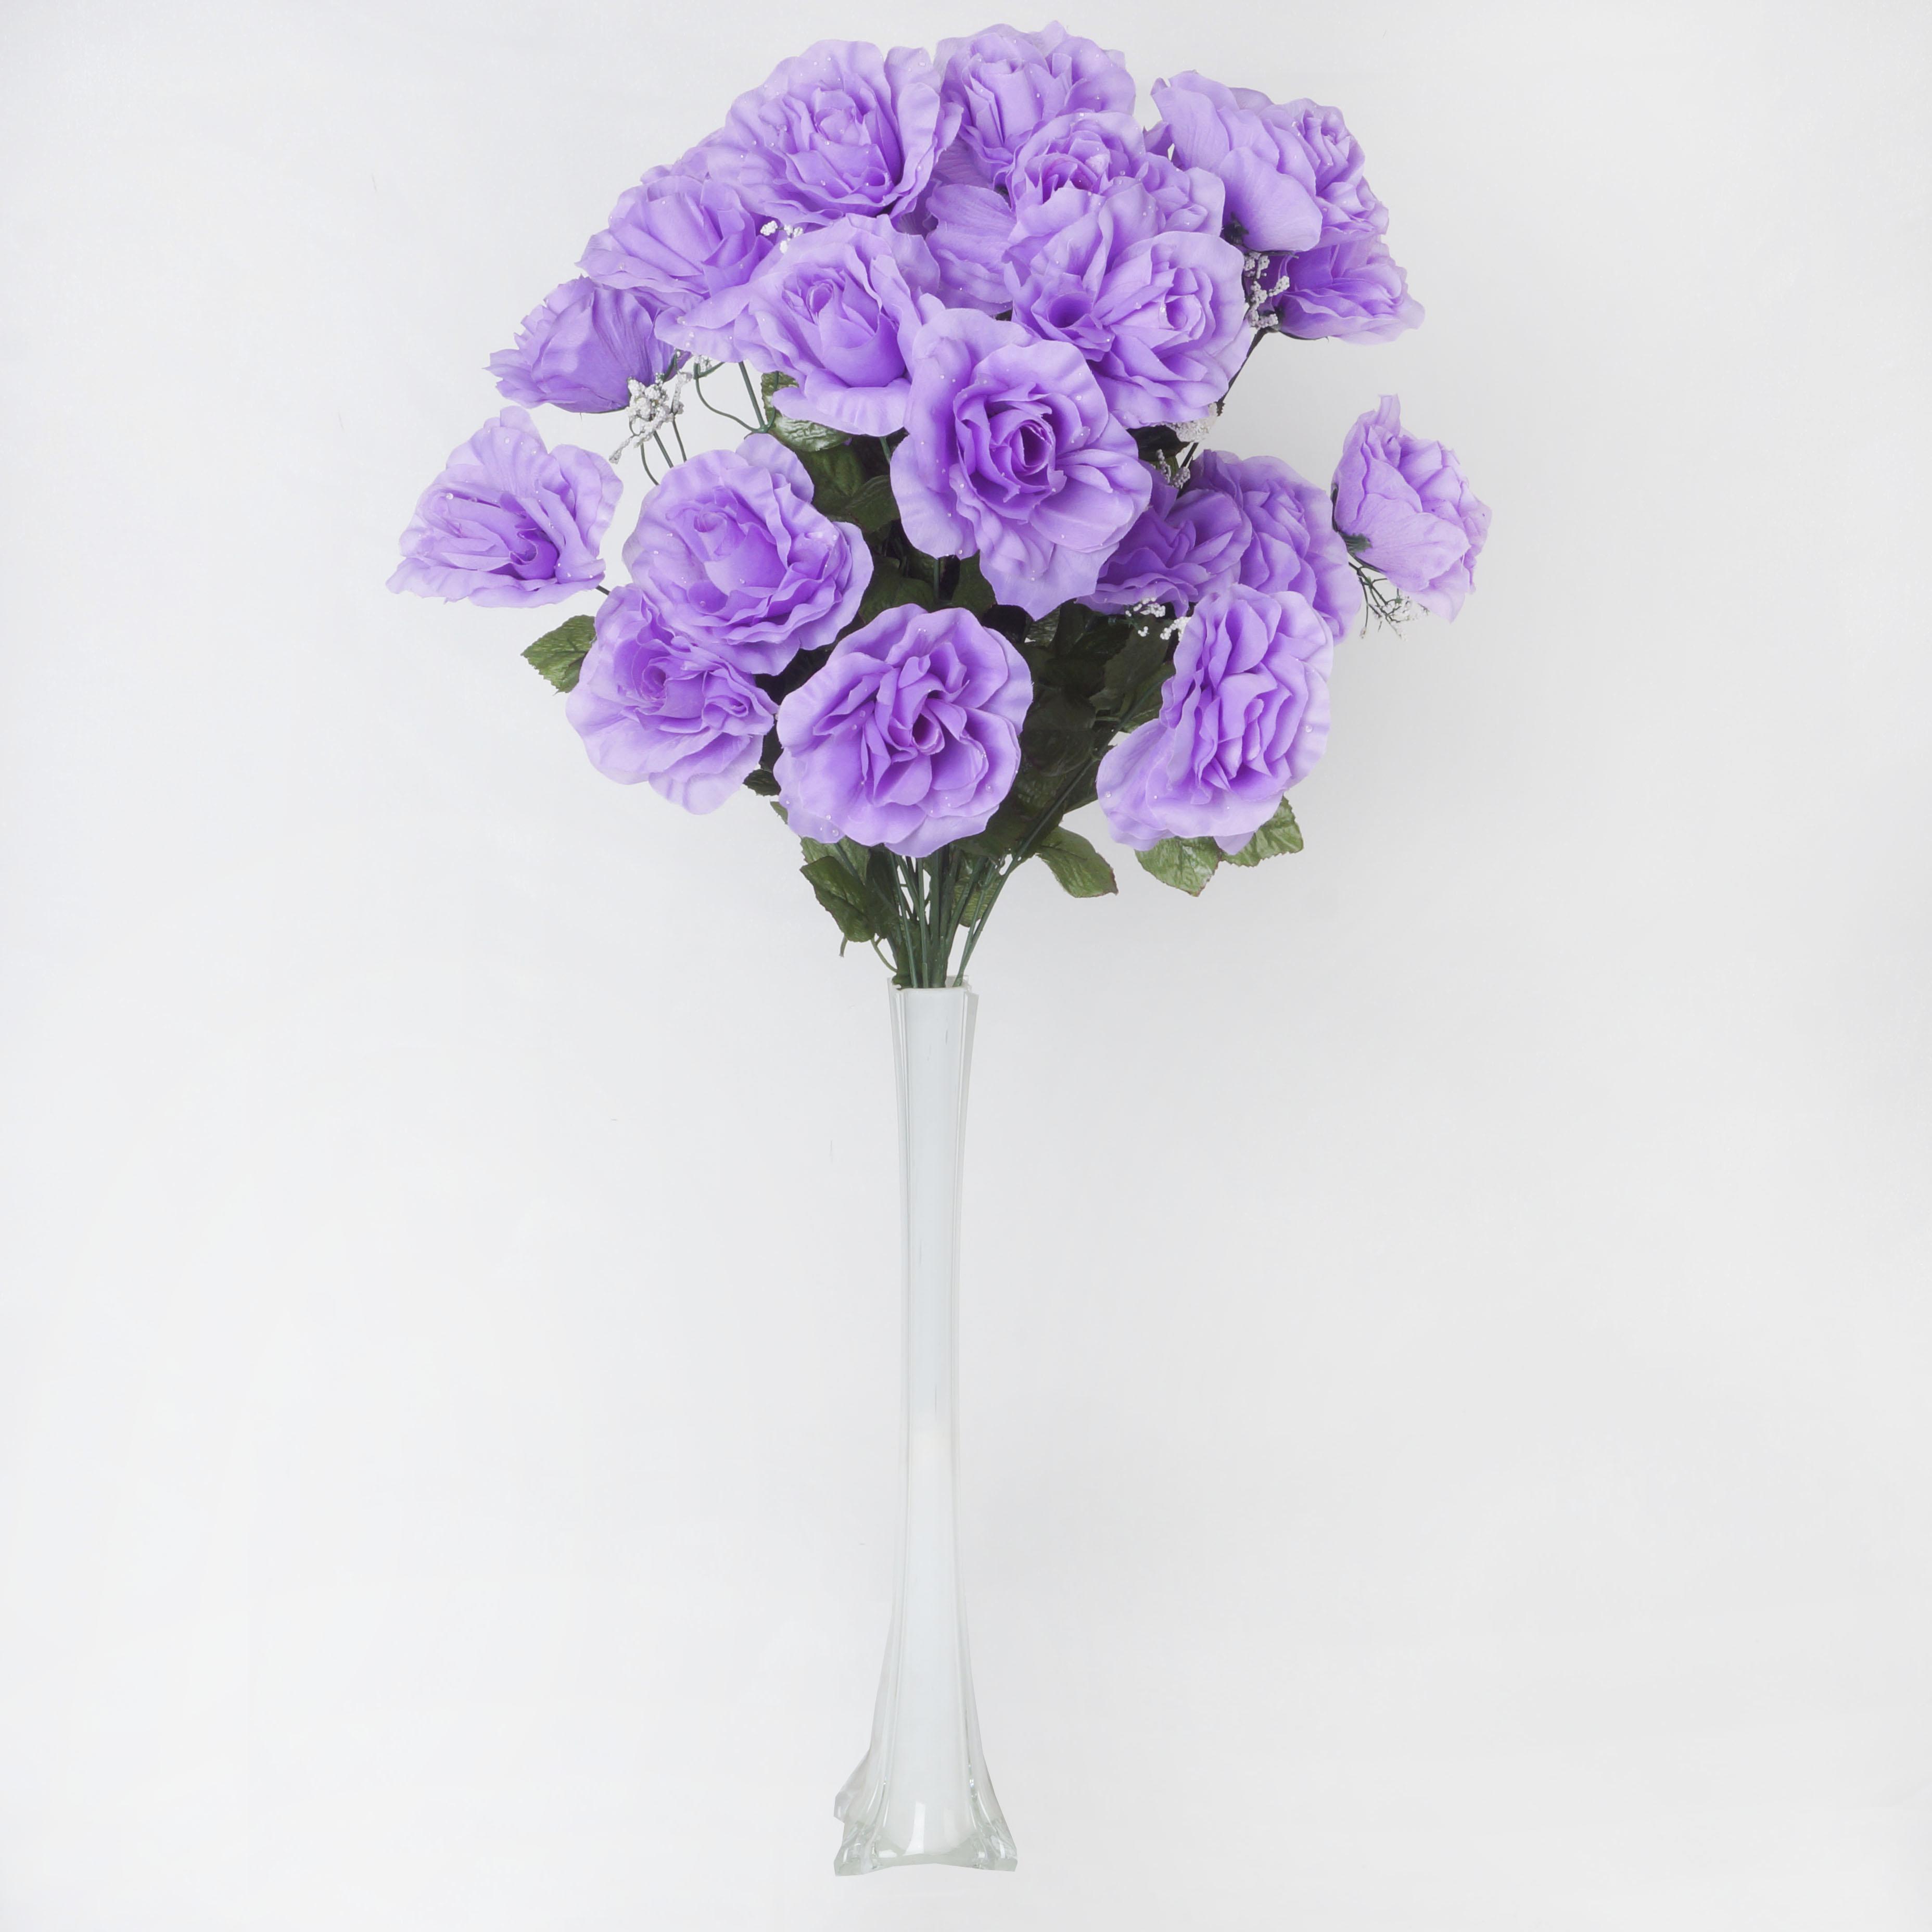 Efavormart 96 GIANT OPEN ROSE Bush Artificial Flowers for DIY Wedding Bouquets Centerpieces Arrangements Wholesale - 18 colors